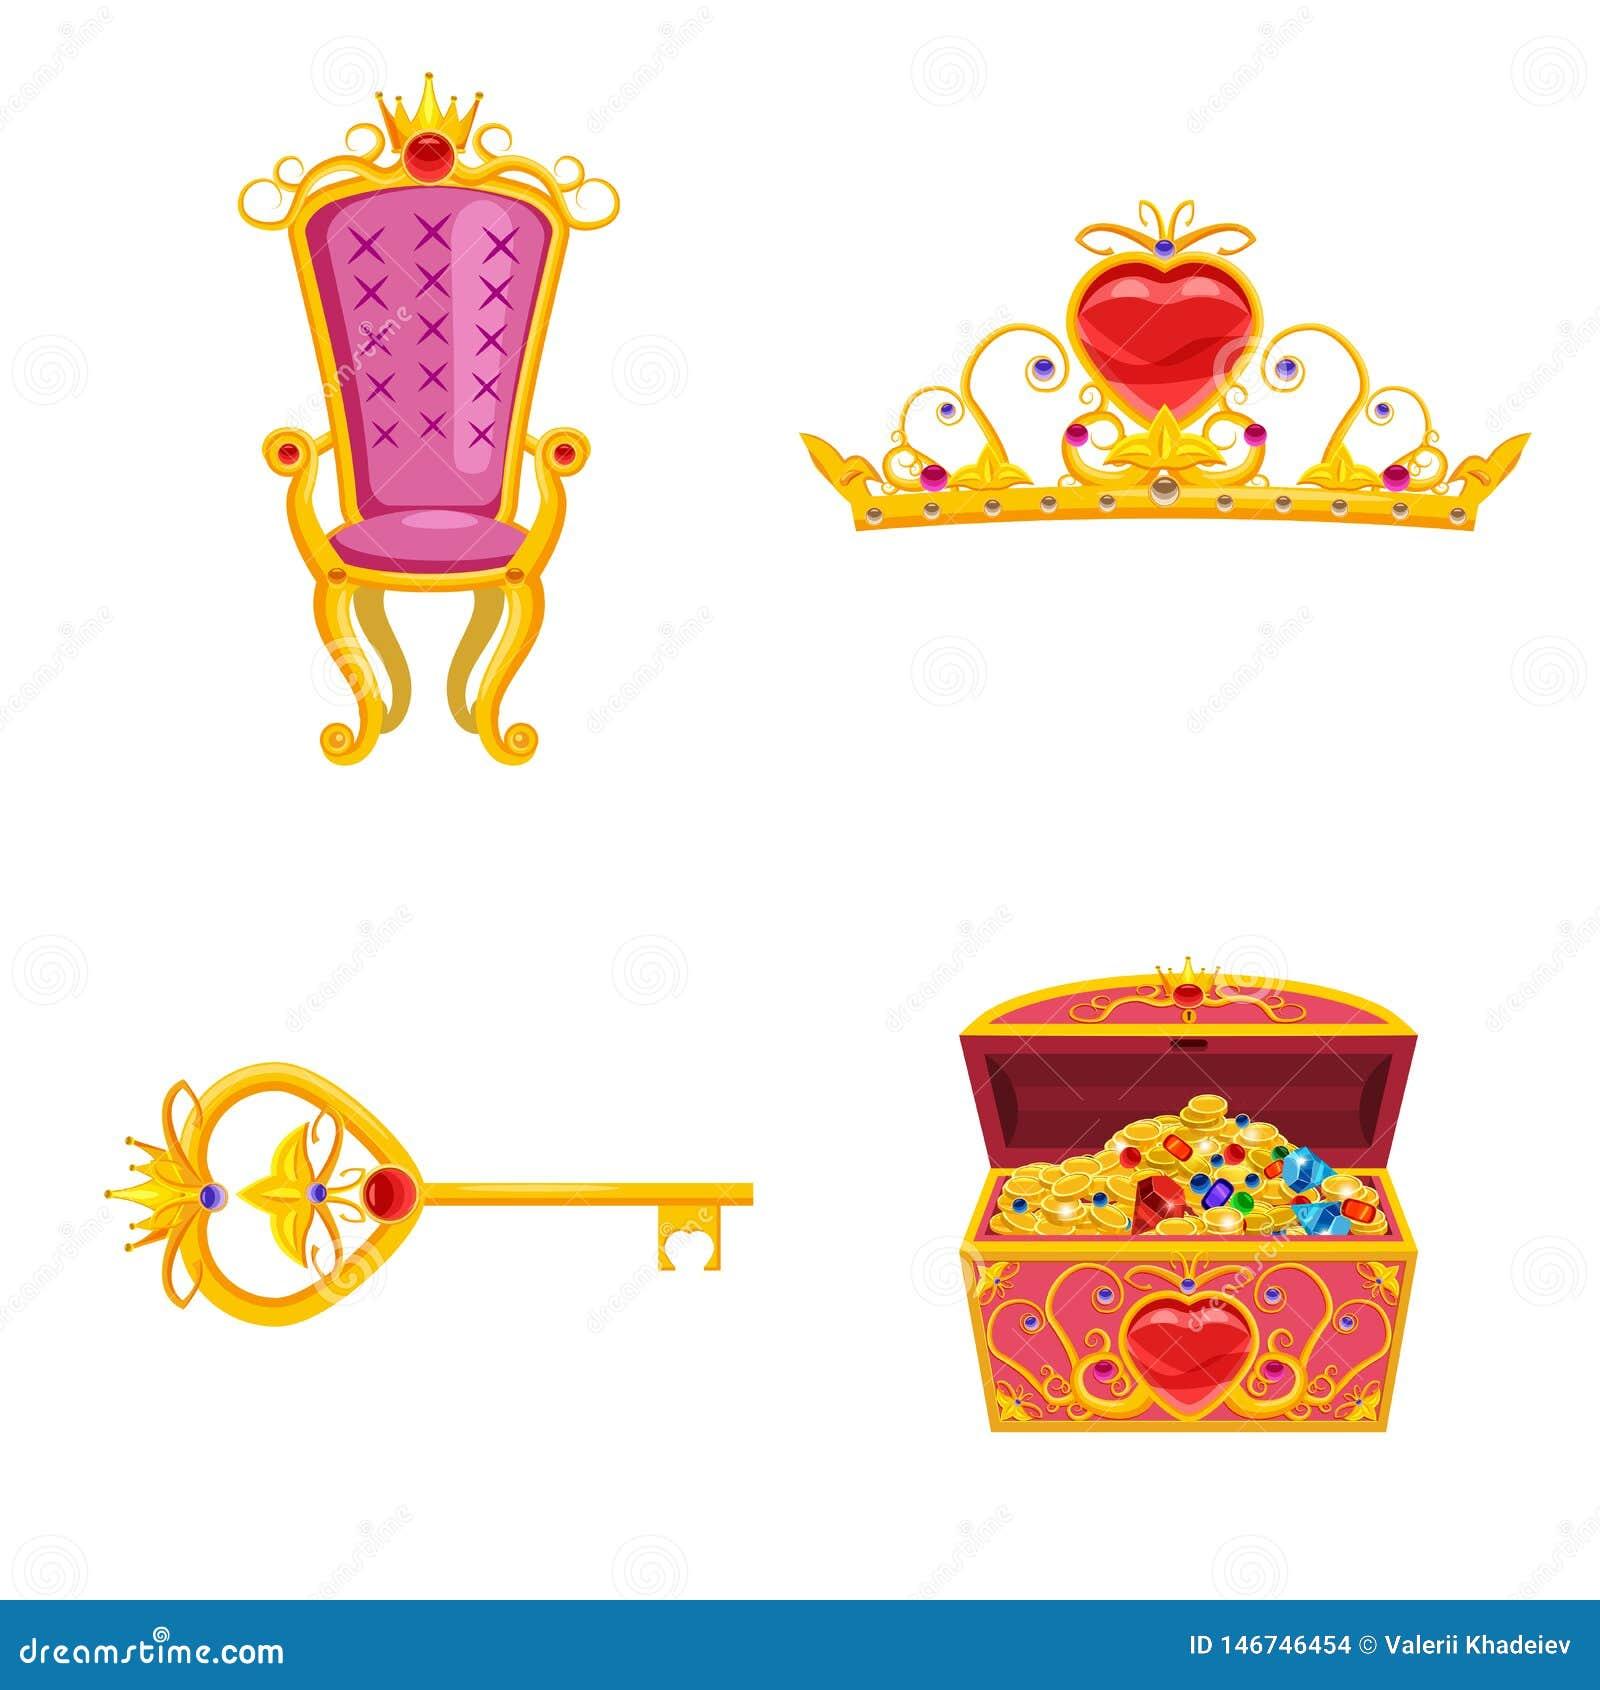 Установленные элементы мира феи и атрибуты дизайна Сундук с сокровищами, тиара, ключ, трон Вектор, иллюстрация, мультфильм